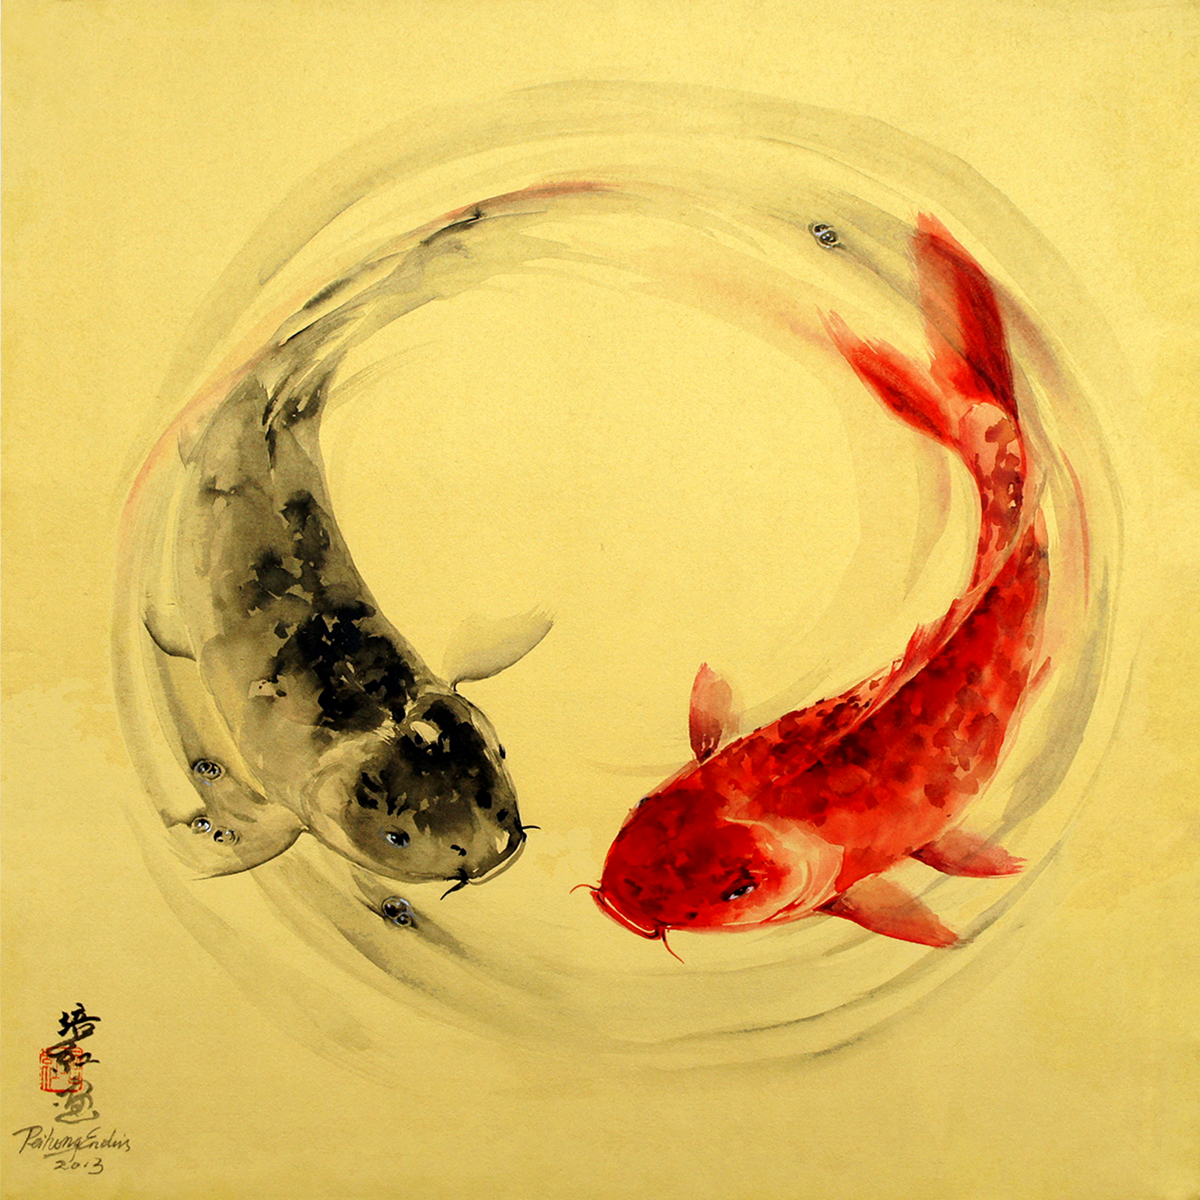 Yin Yang Koi - Peihong E.jpg